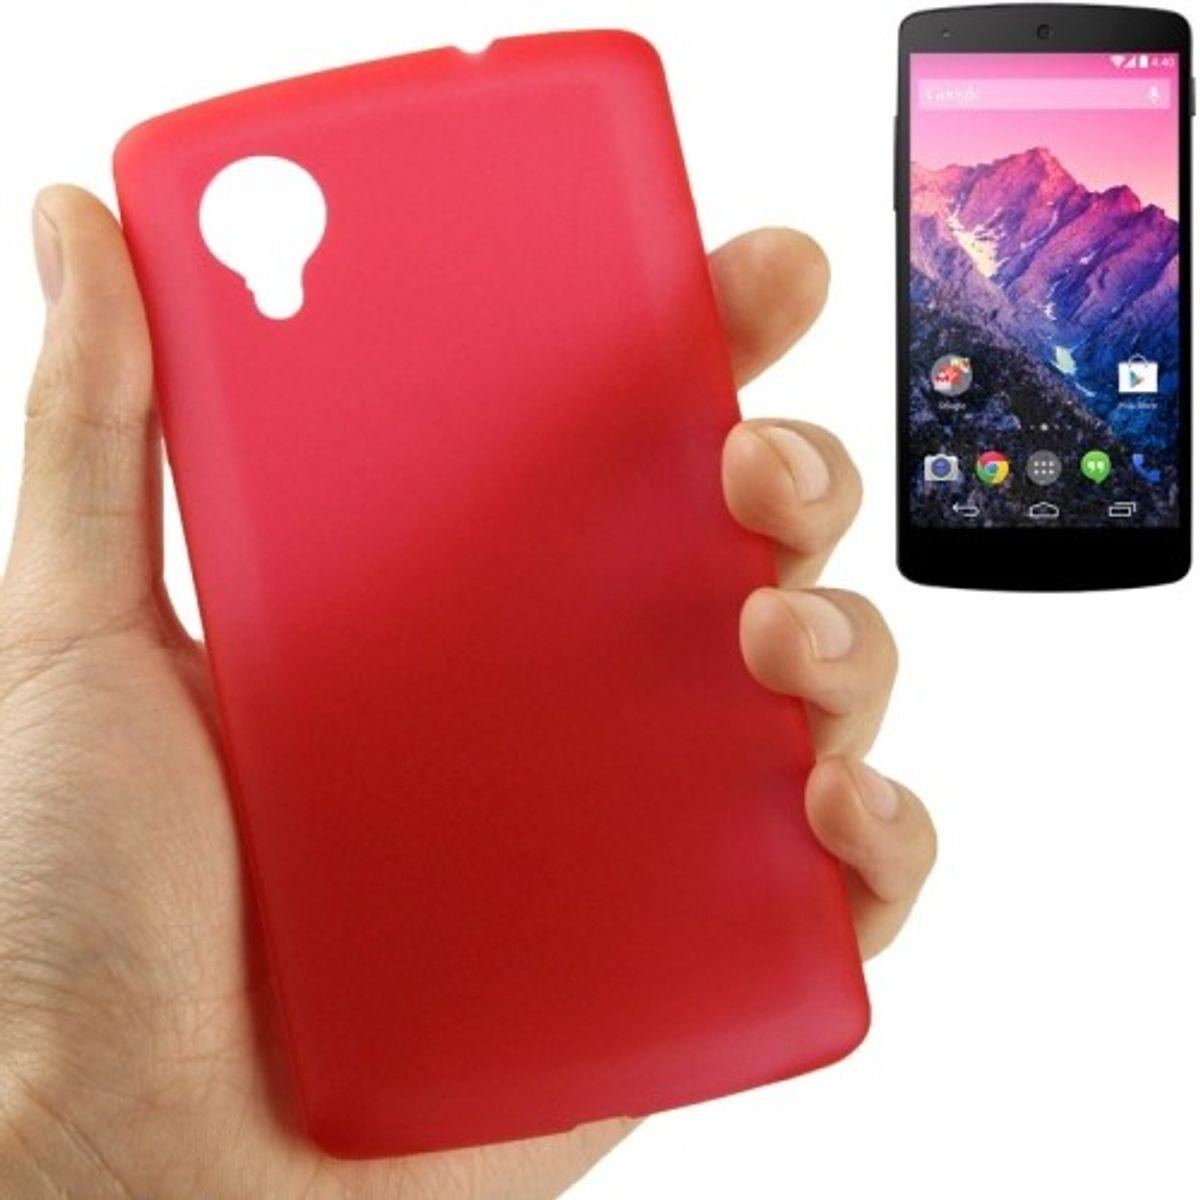 Schutzhülle Case Ultra Dünn 0,3mm für Handy Google Nexus 5 Rot Transparent